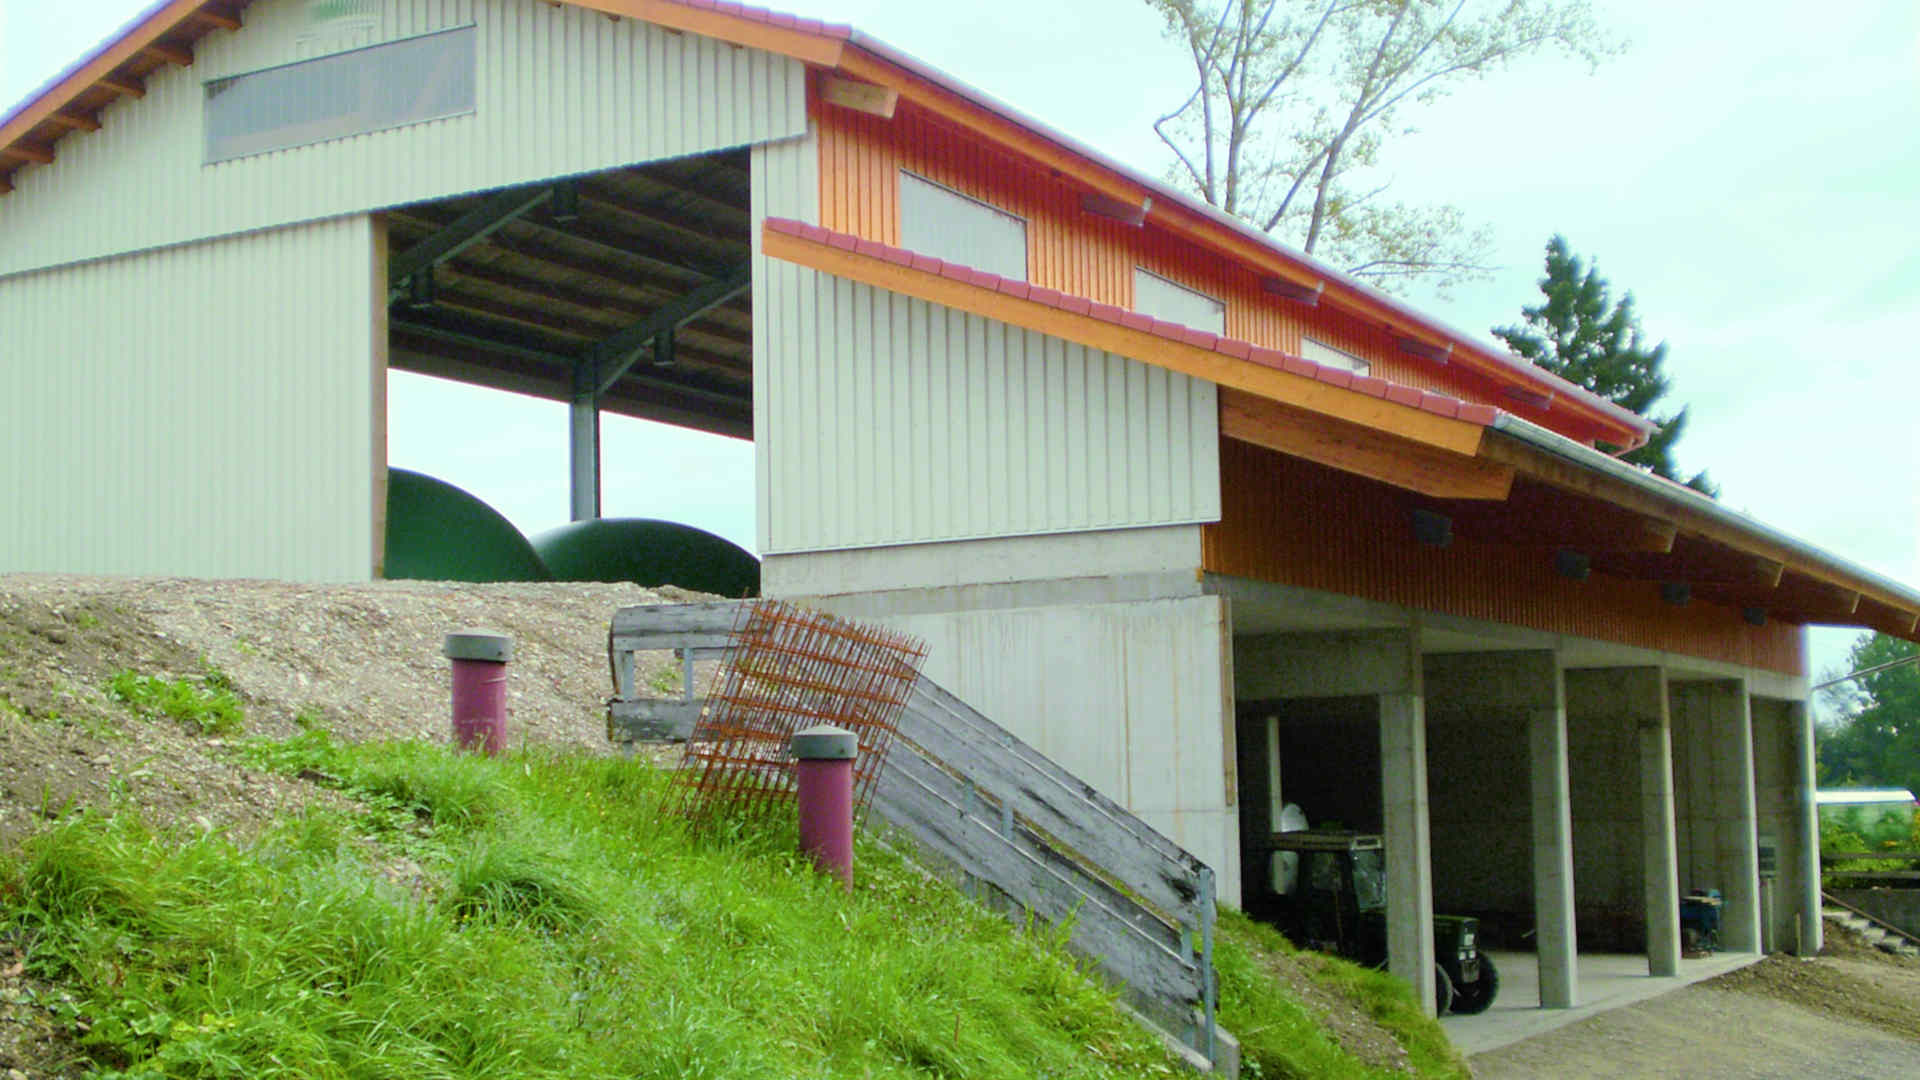 Agrar Baugebäude des Baugeschäfts W. Semtner GmbH in Mauerstetten bei Kaufbeuren